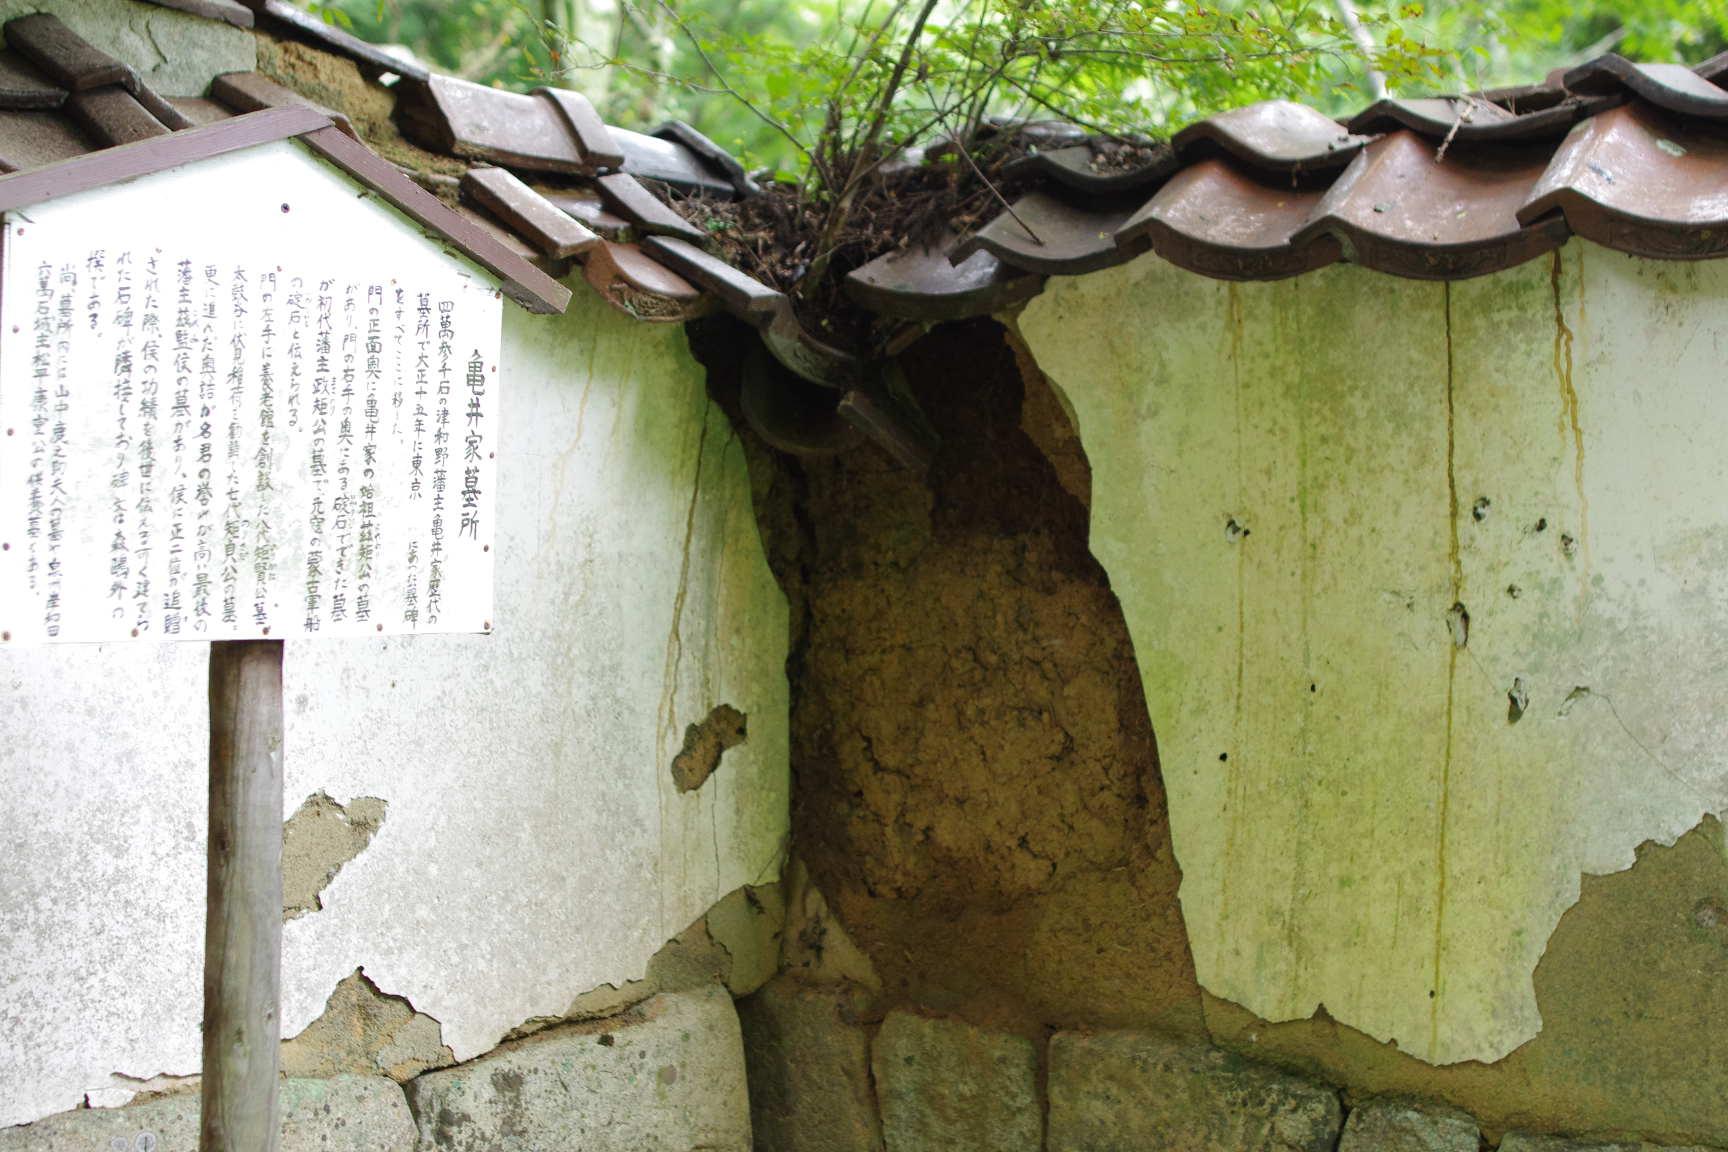 島根県 津和野町役場 つわの暮らし推進課・・・_c0192503_19223585.jpg